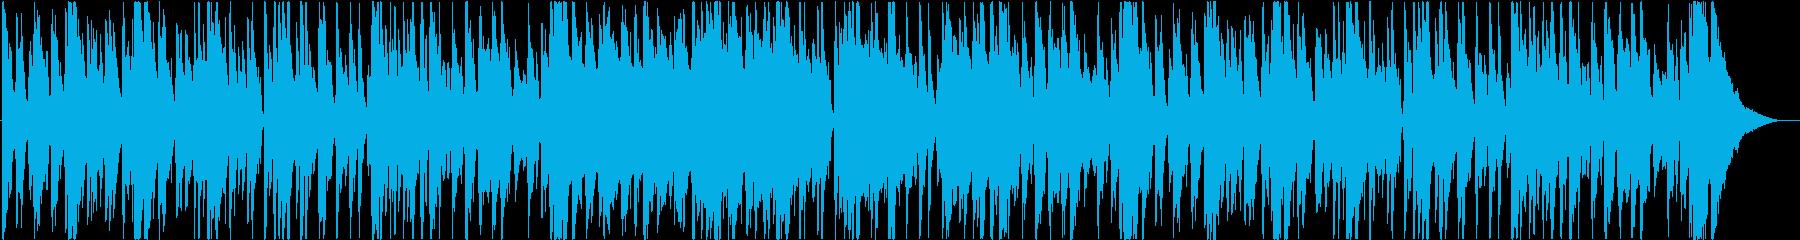 ライト、ジャズ、スムース、ボッサの再生済みの波形